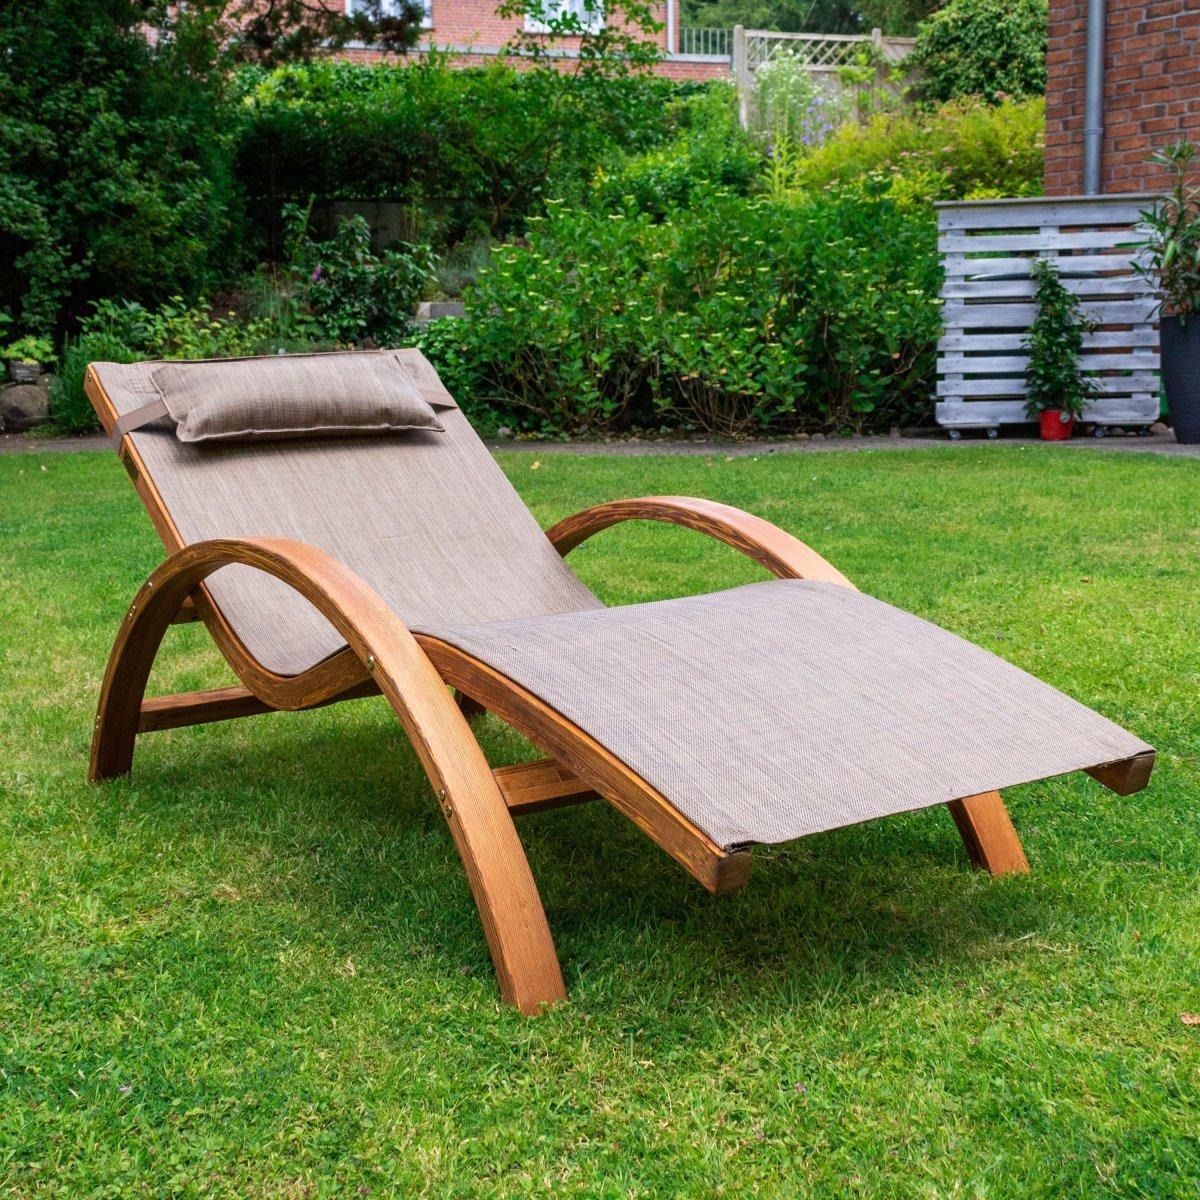 relax und gartenliege tropica 170x70 cm holz mit kopfkissen zum entspannen. Black Bedroom Furniture Sets. Home Design Ideas